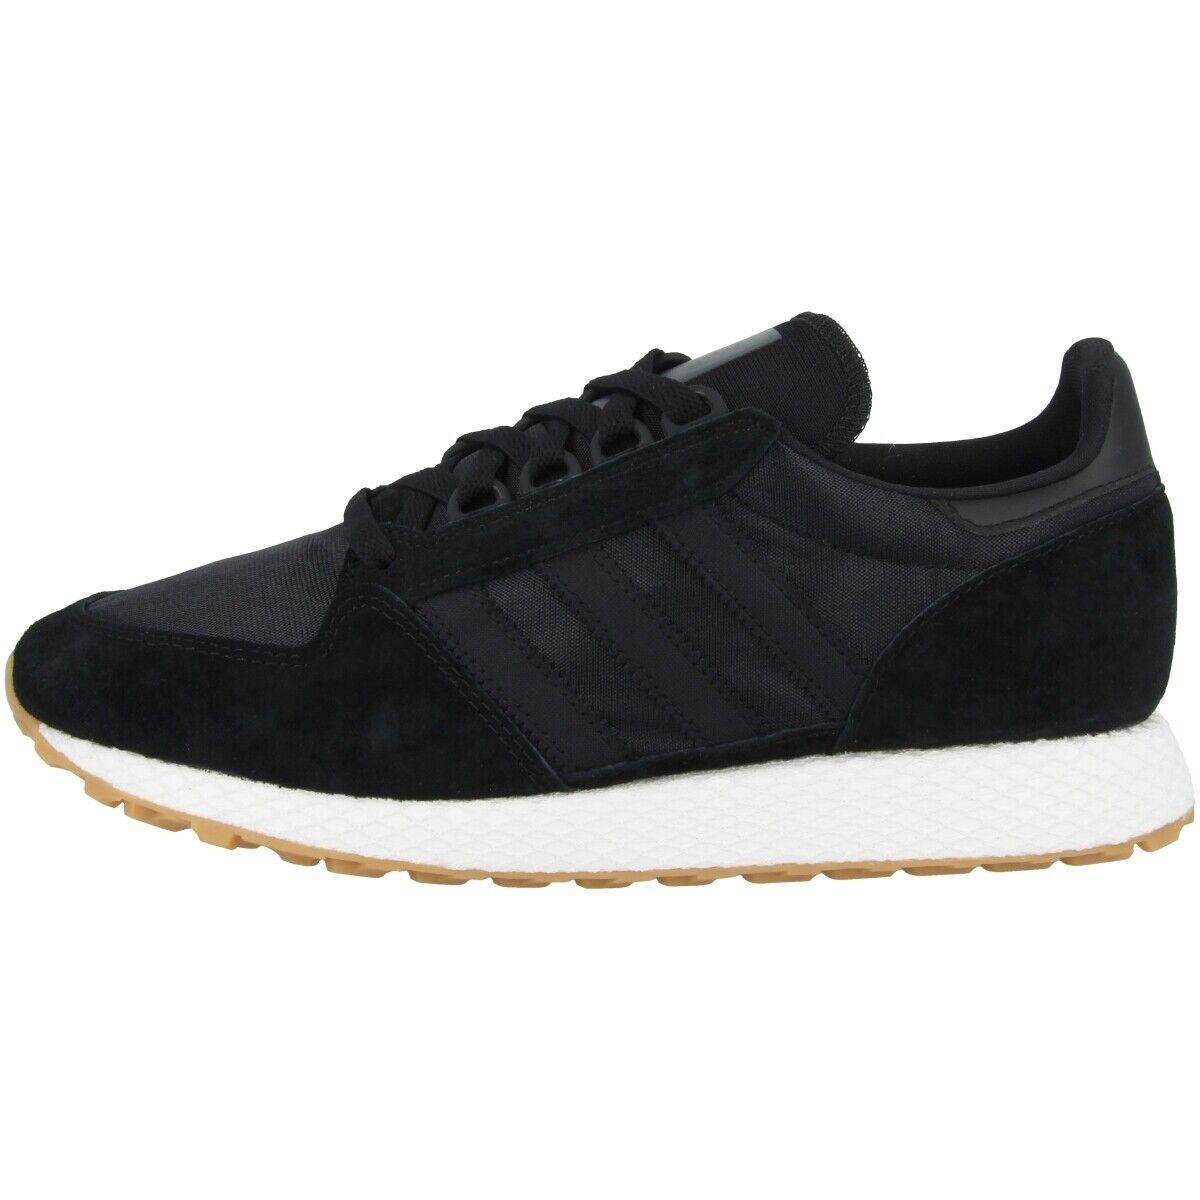 Adidas Bosque Grove Zapatos Hombre Originals Zapatillas Deportivas negro CG5673